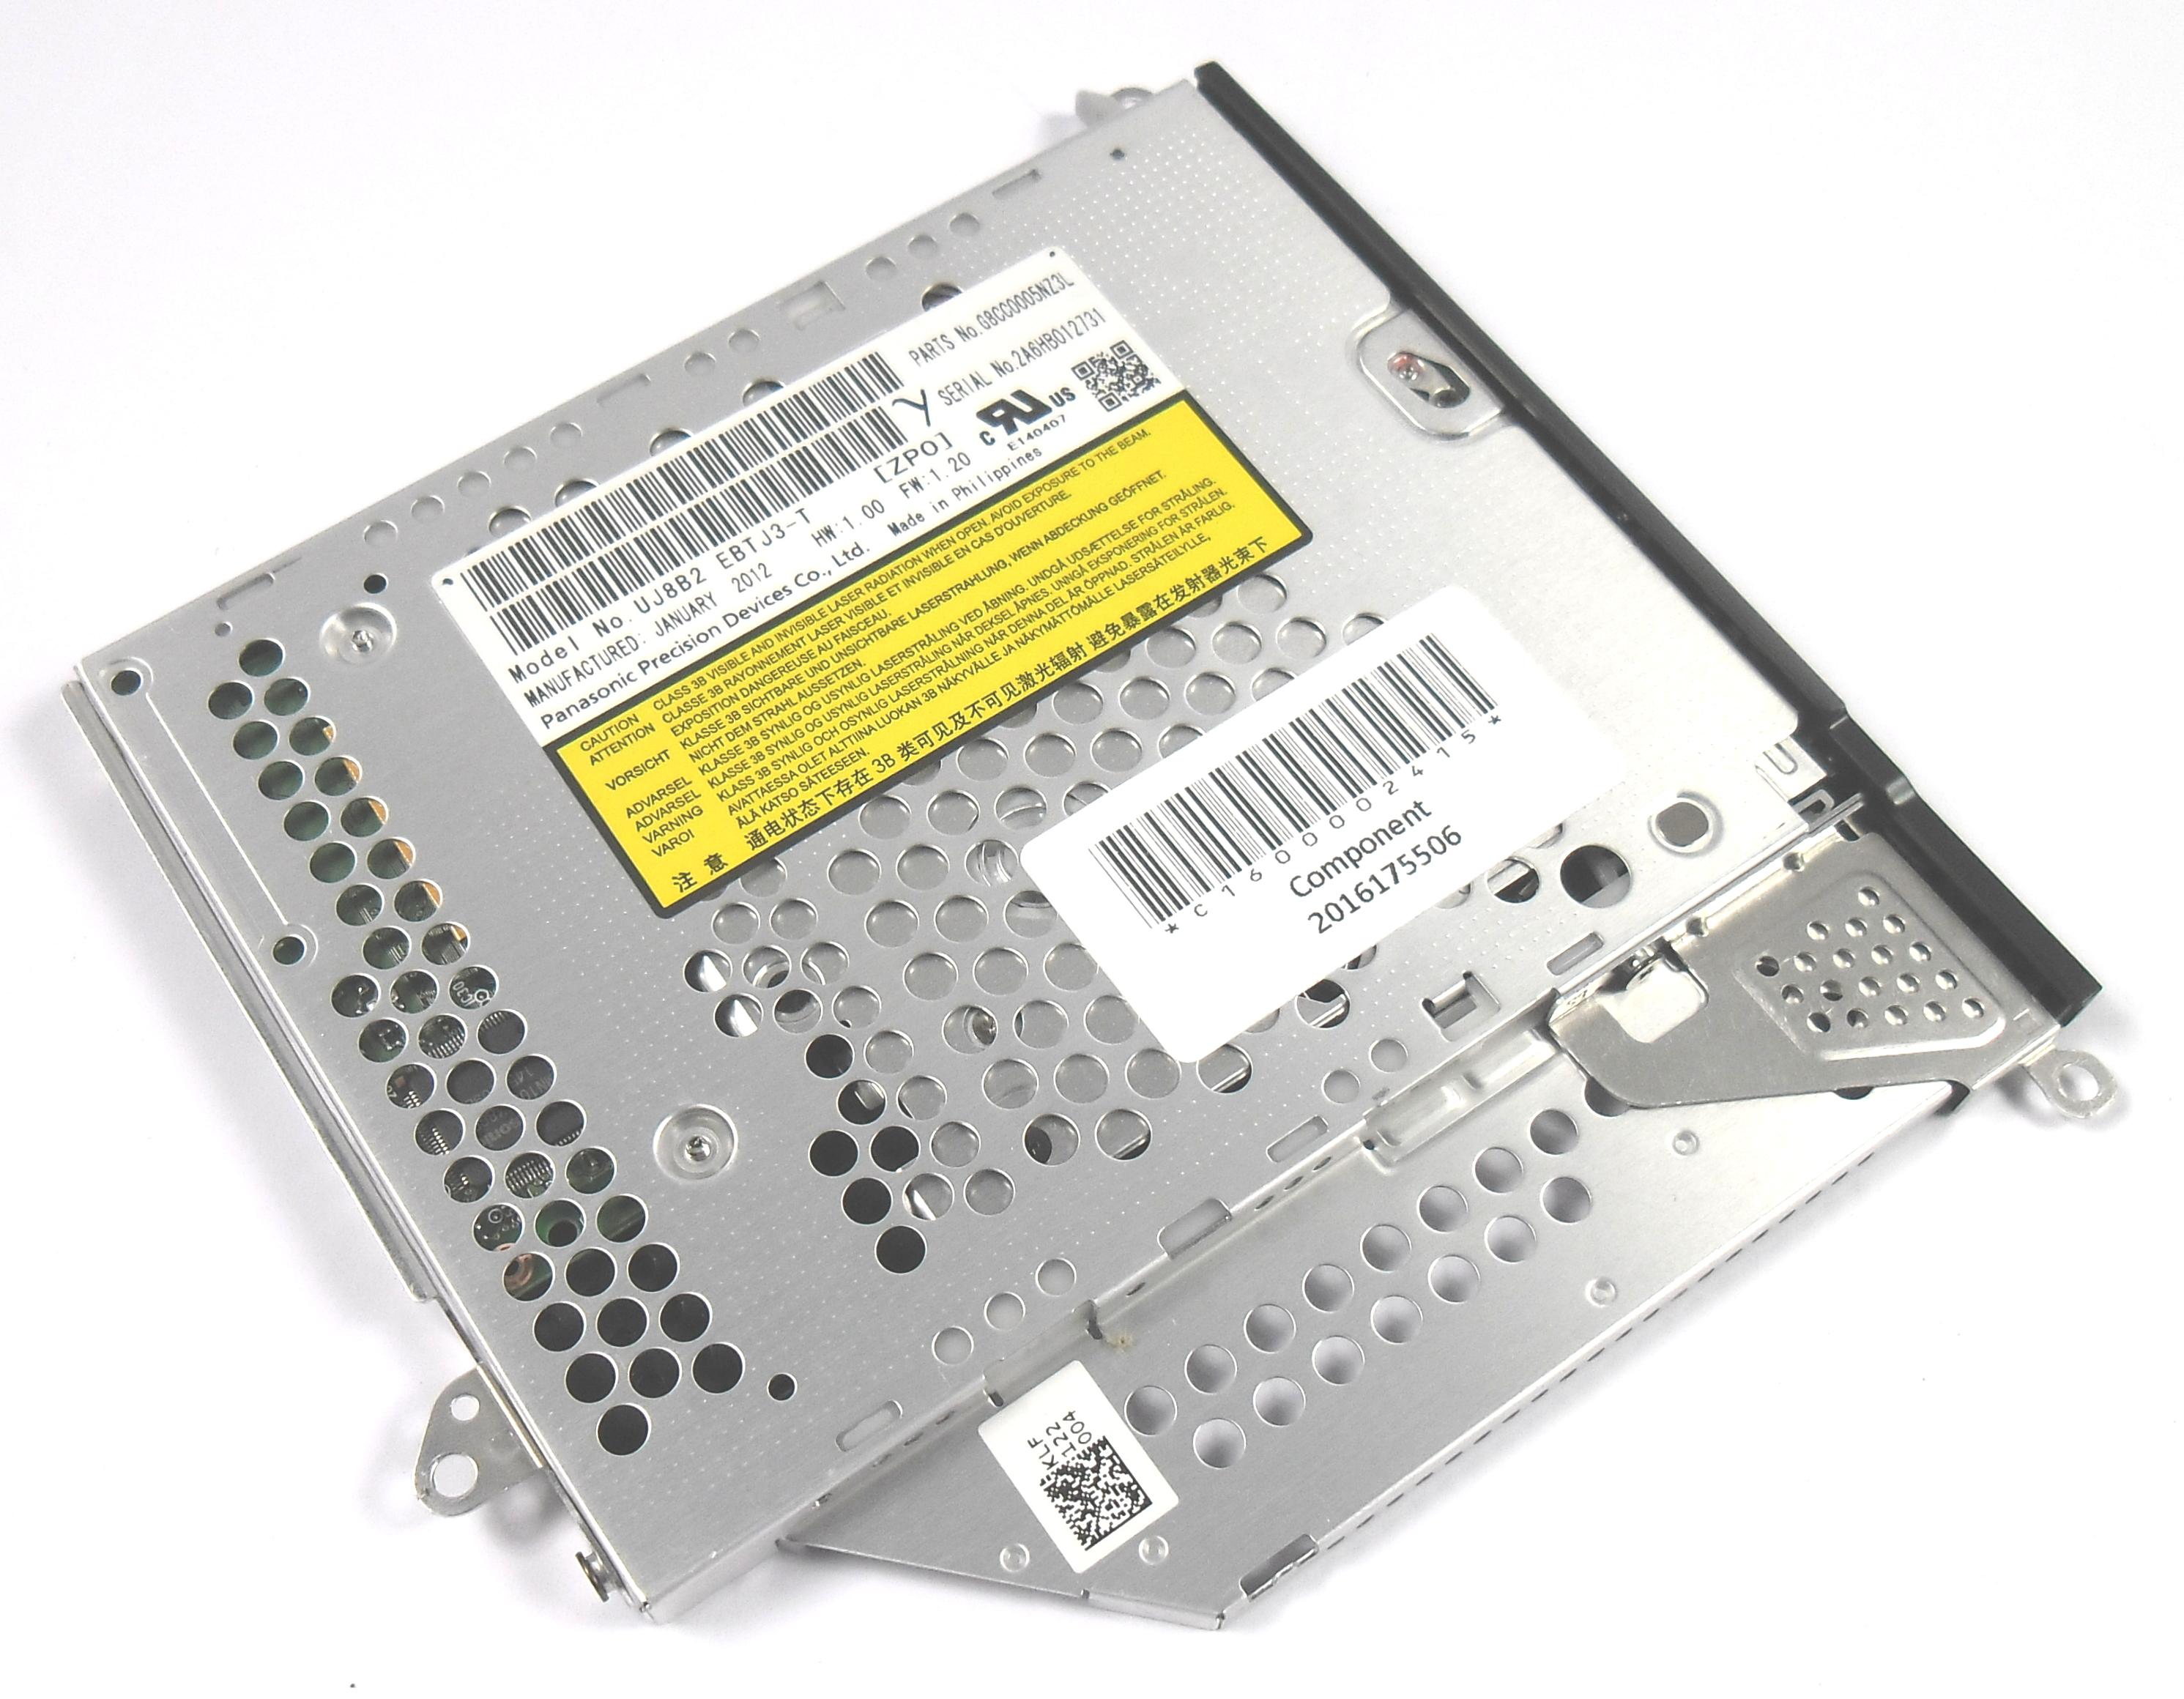 Toshiba G8CC0005NZ3L Portege R830 DVD+/-RW Drive - UJ8B2 EBTJ3-T